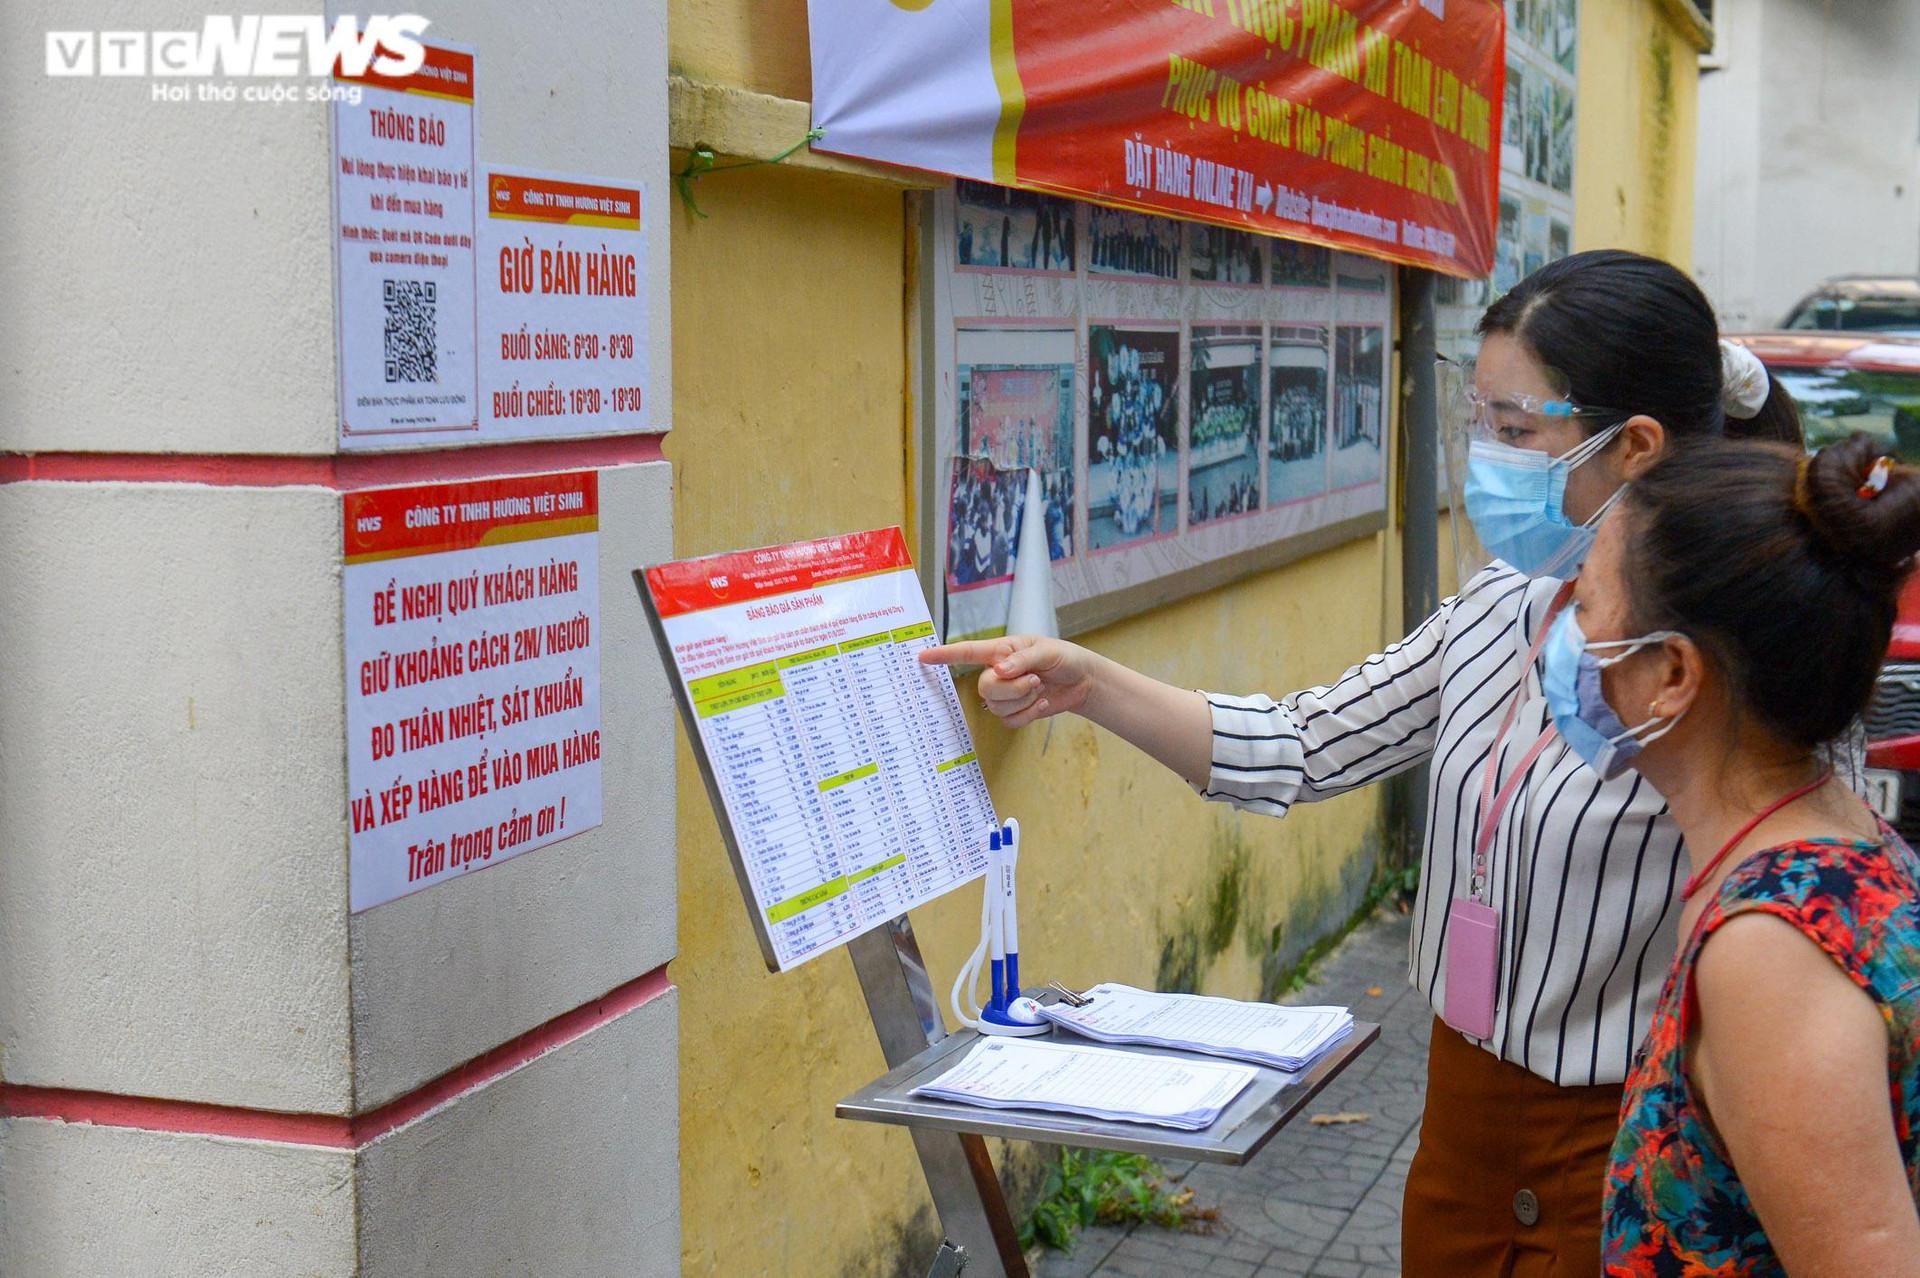 Bên trong điểm bán hàng lưu động mở ngay giữa sân trường ở Hà Nội - 5